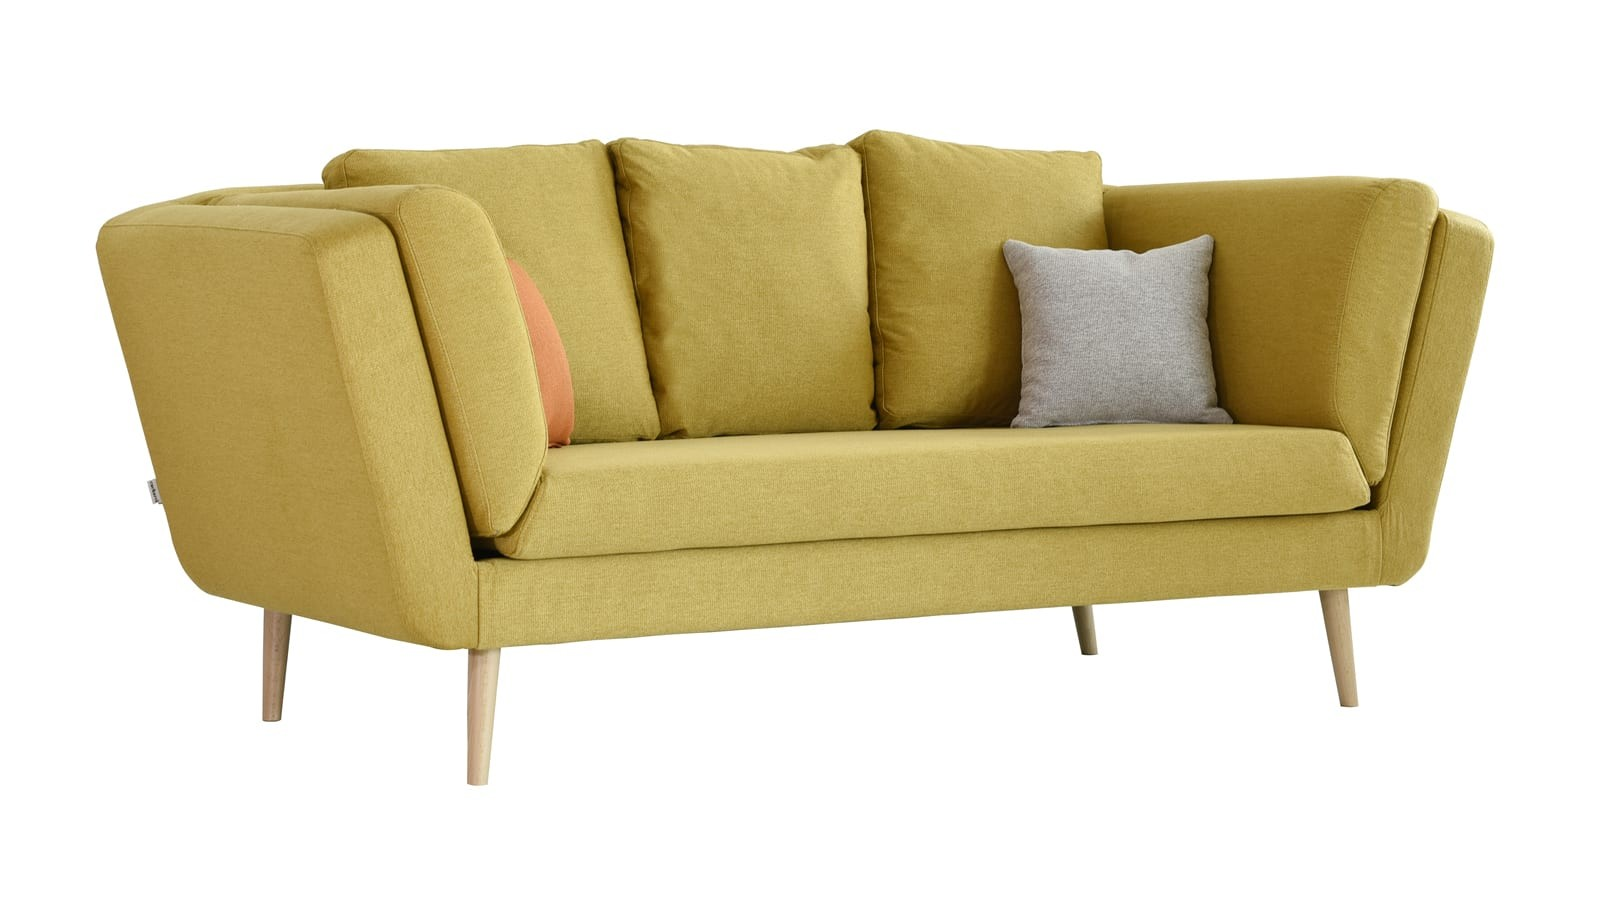 Canapé 3 places style scandinave en tissu maille jaune